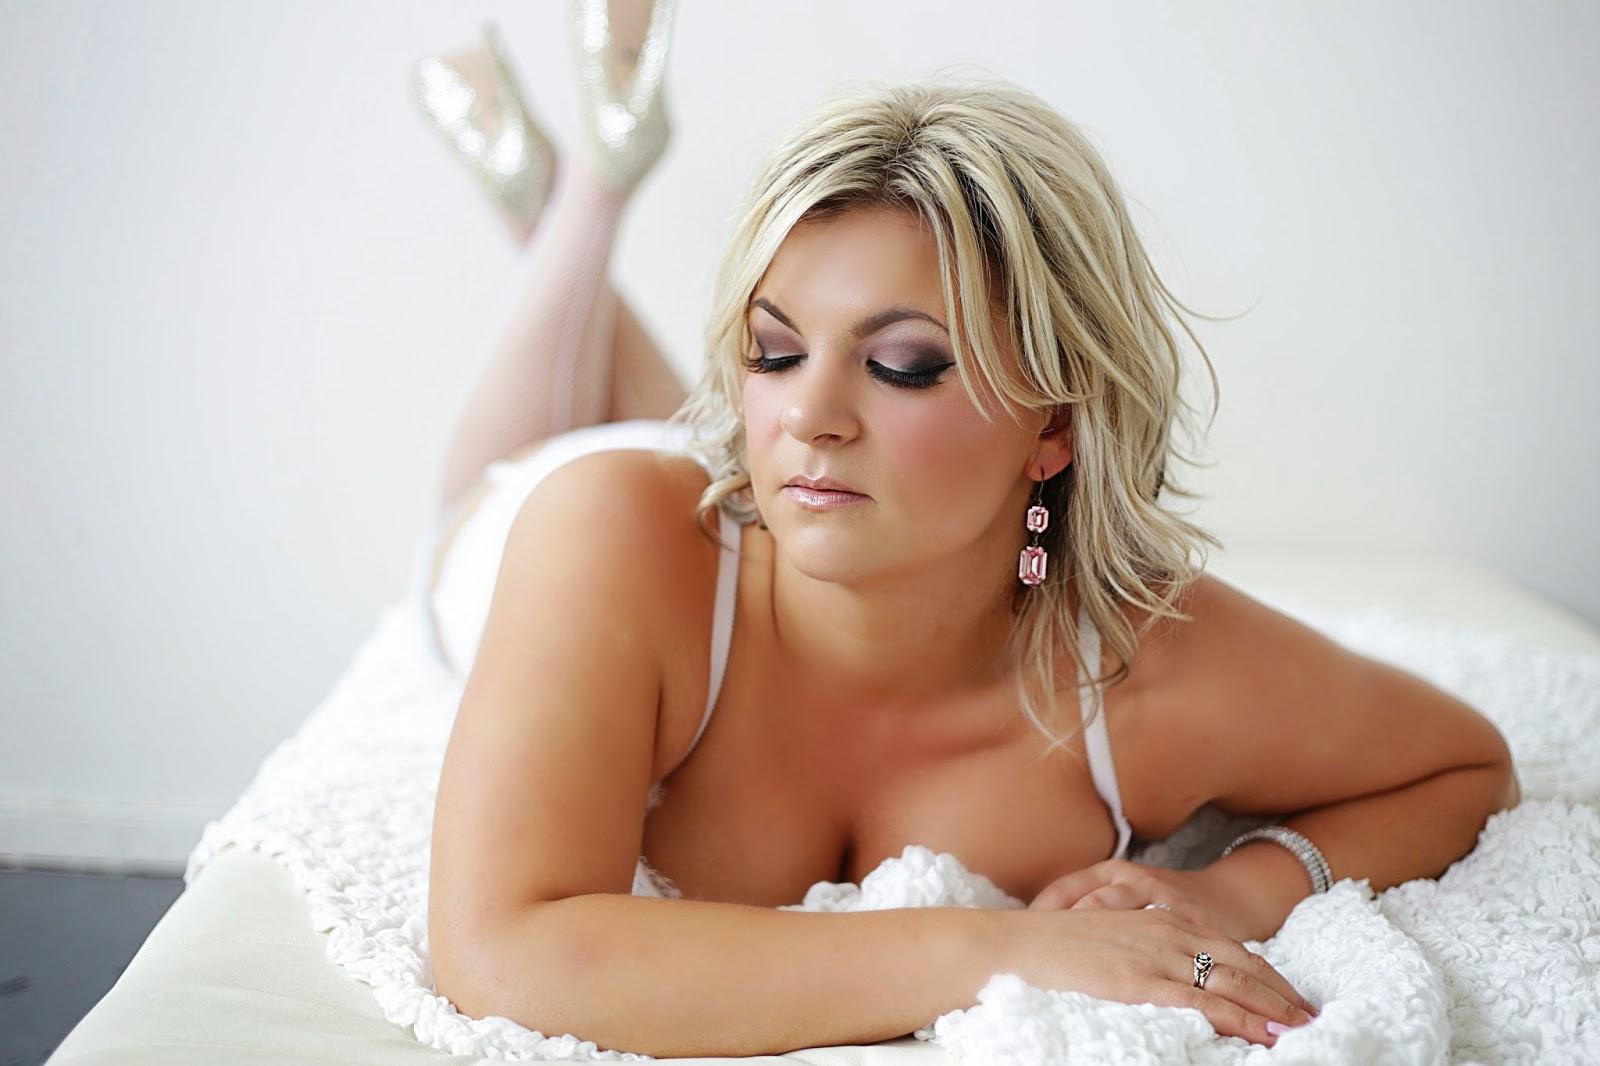 porltand boudoir, oregon boudoir photographer, studio, lingerie, reveal, spotted stills, jenn pacurar, bridal boudoir